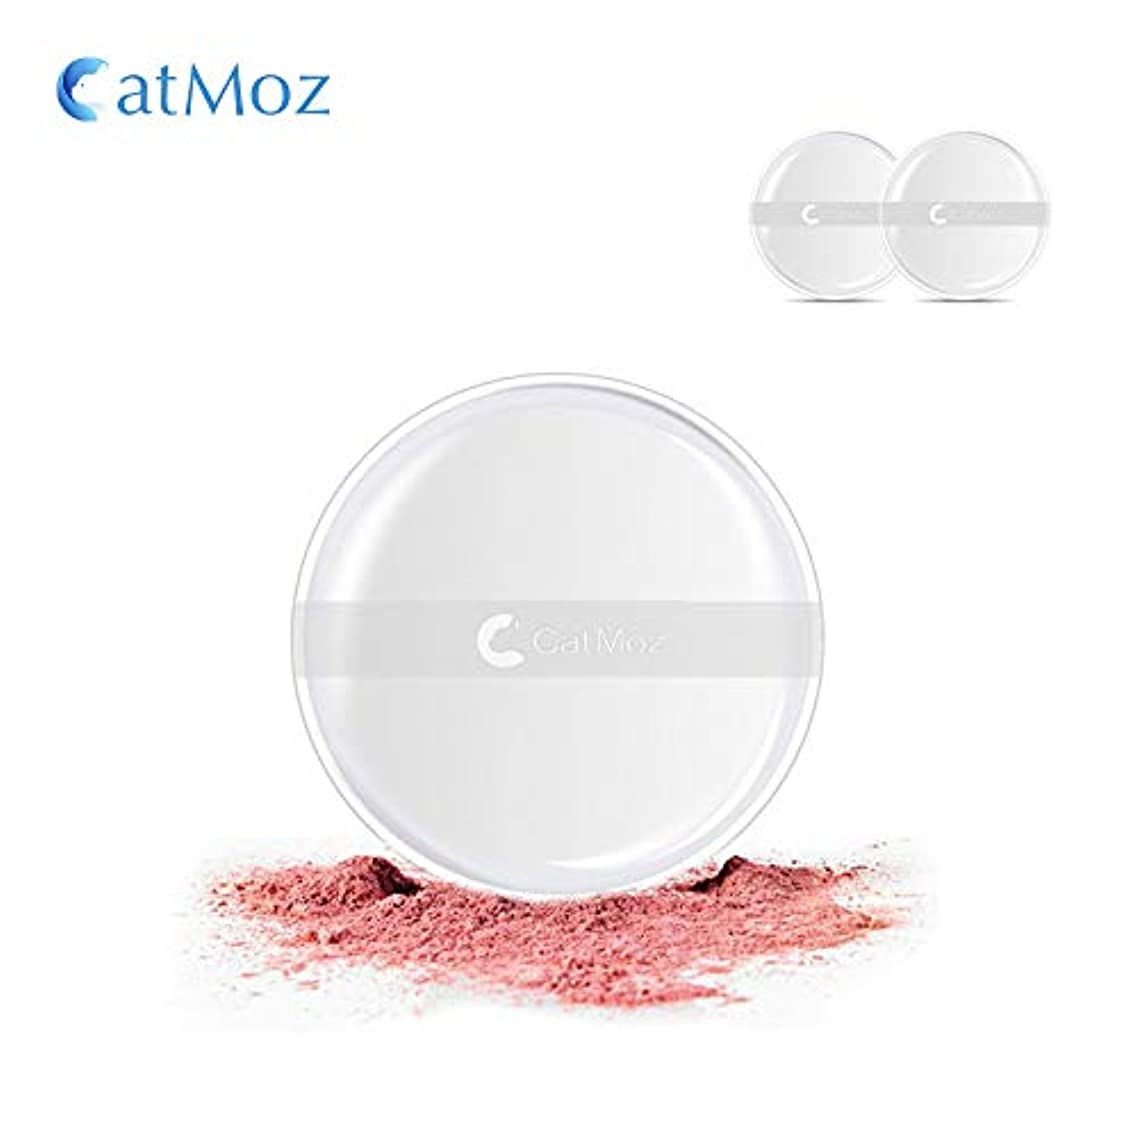 サイズ時吸うCatMoz 多機能 シリコンパフ メイク界の新ツール 内容物が吸収されない 柔らかな感触 肌にフィット 簡単?便利?清潔 帯付き 丸形2枚